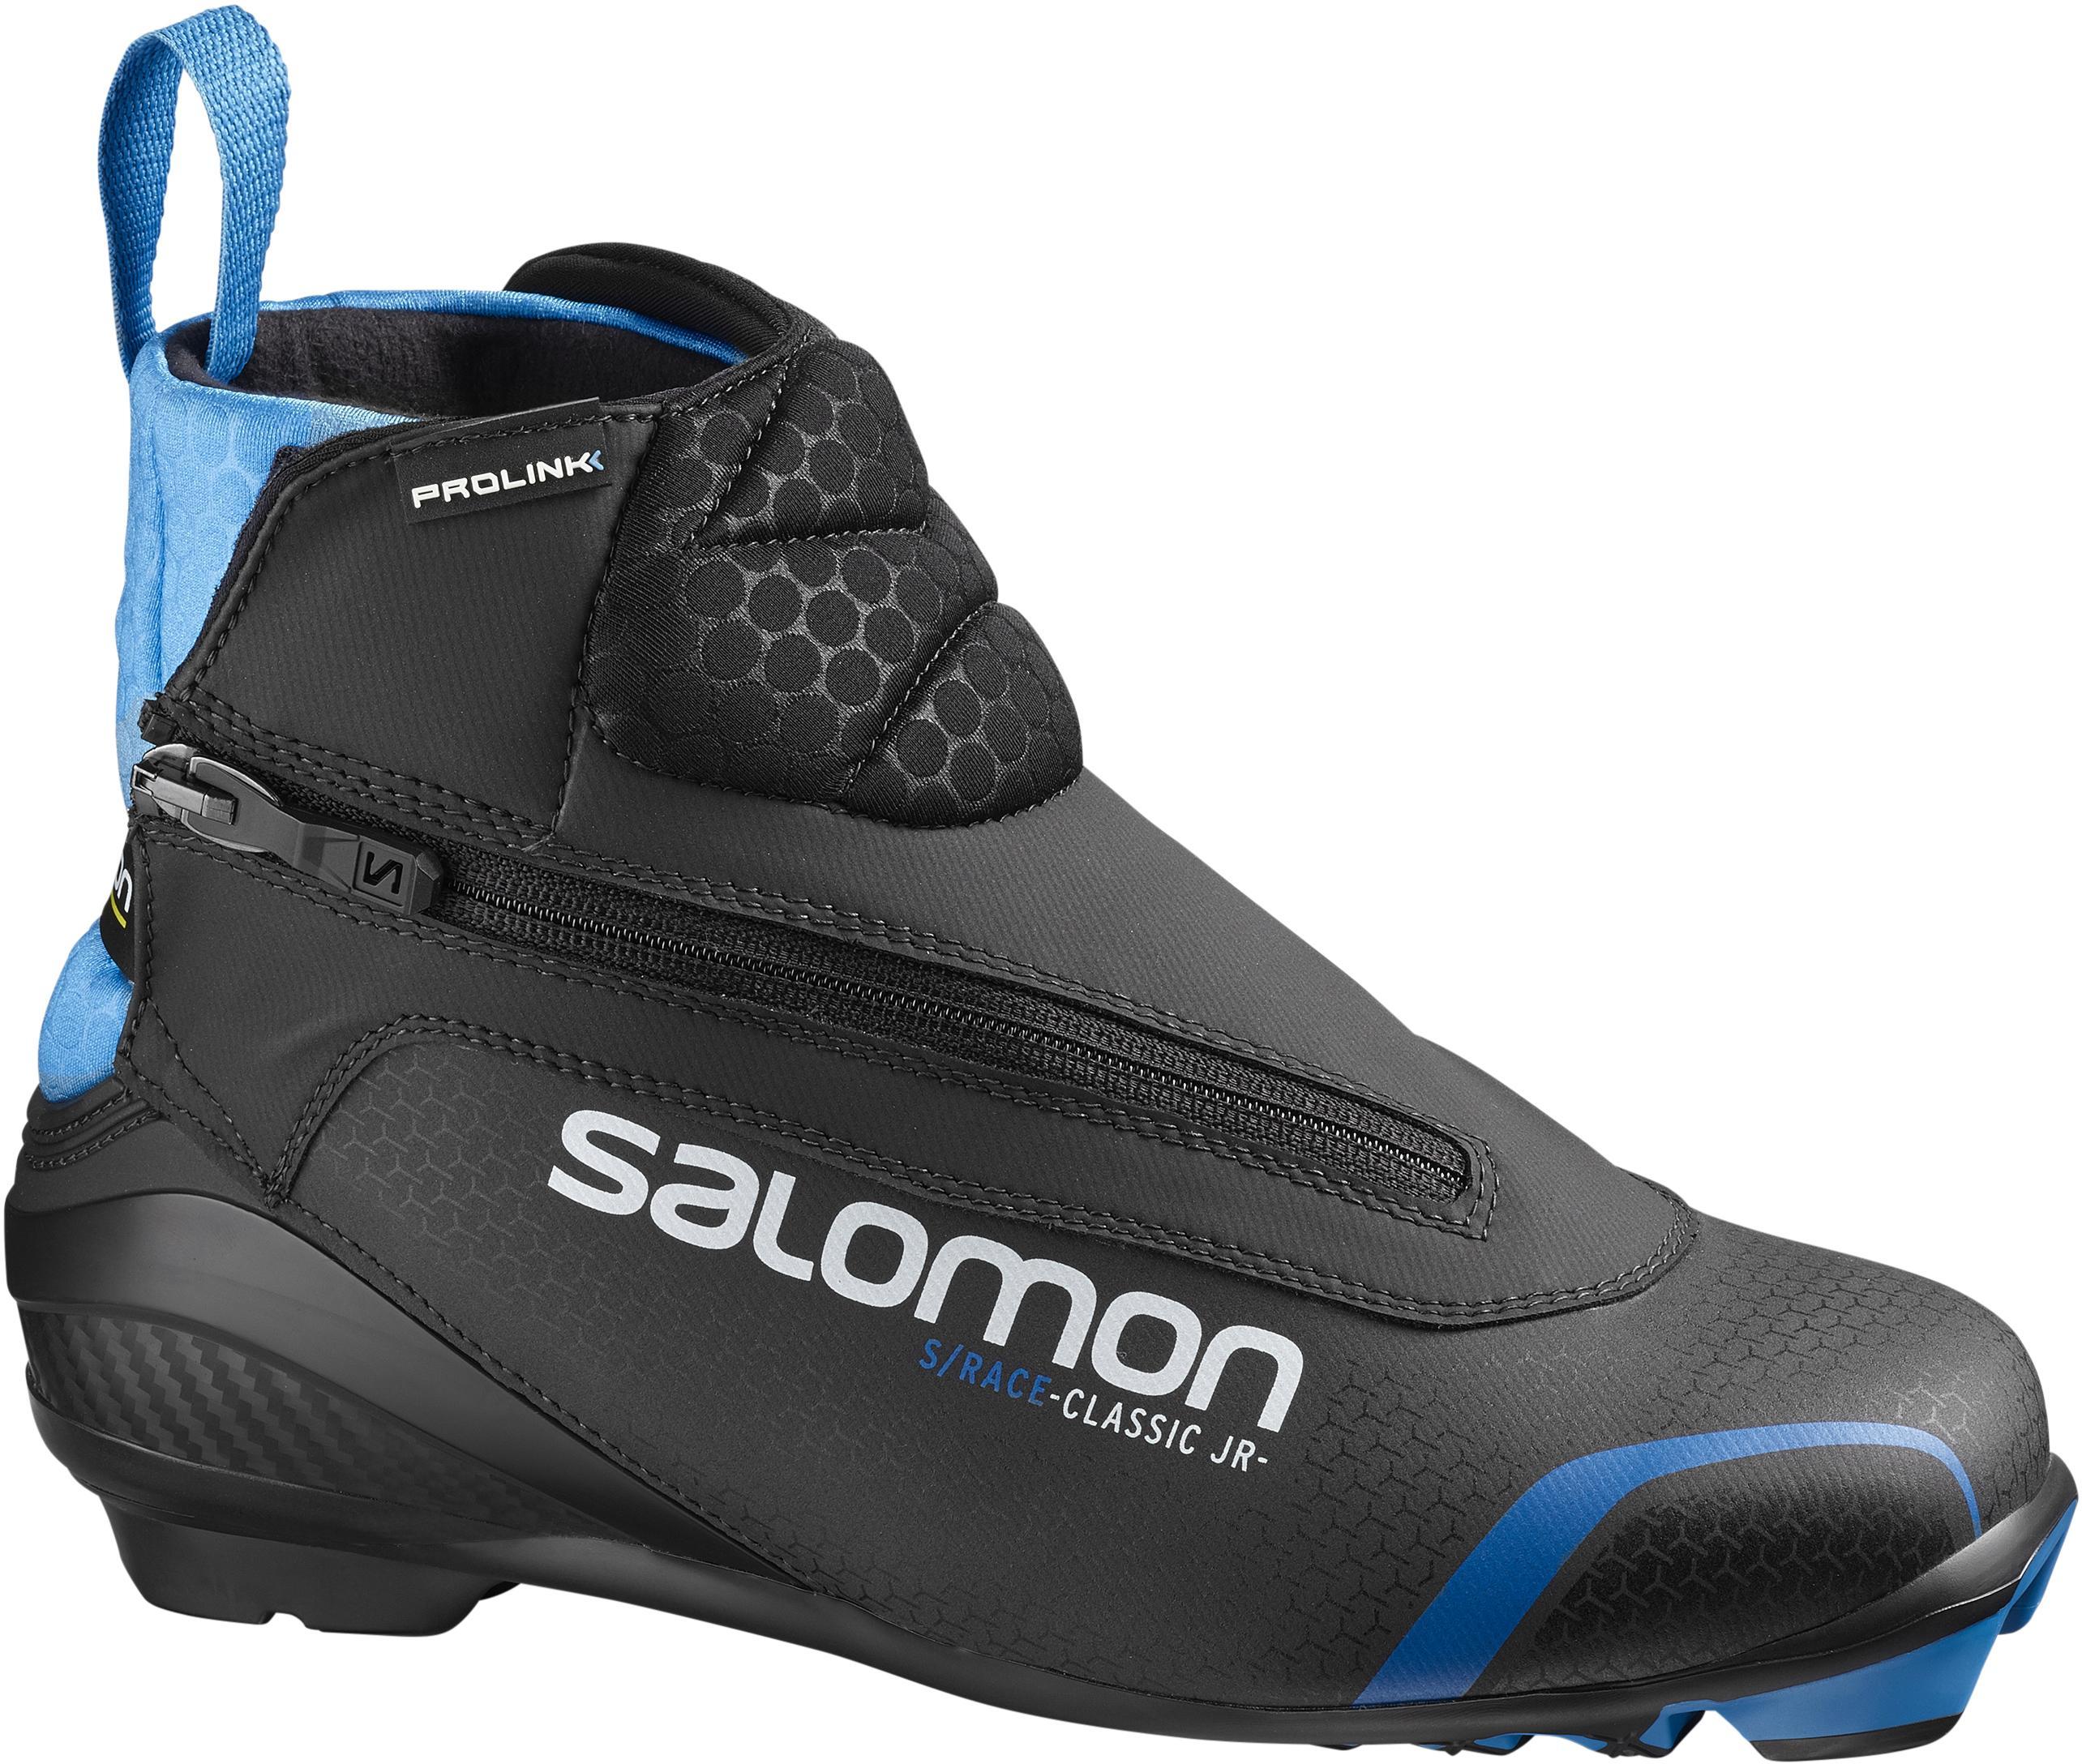 Boty Salomon S Race Classic Prolink JR  88e4e56c2e